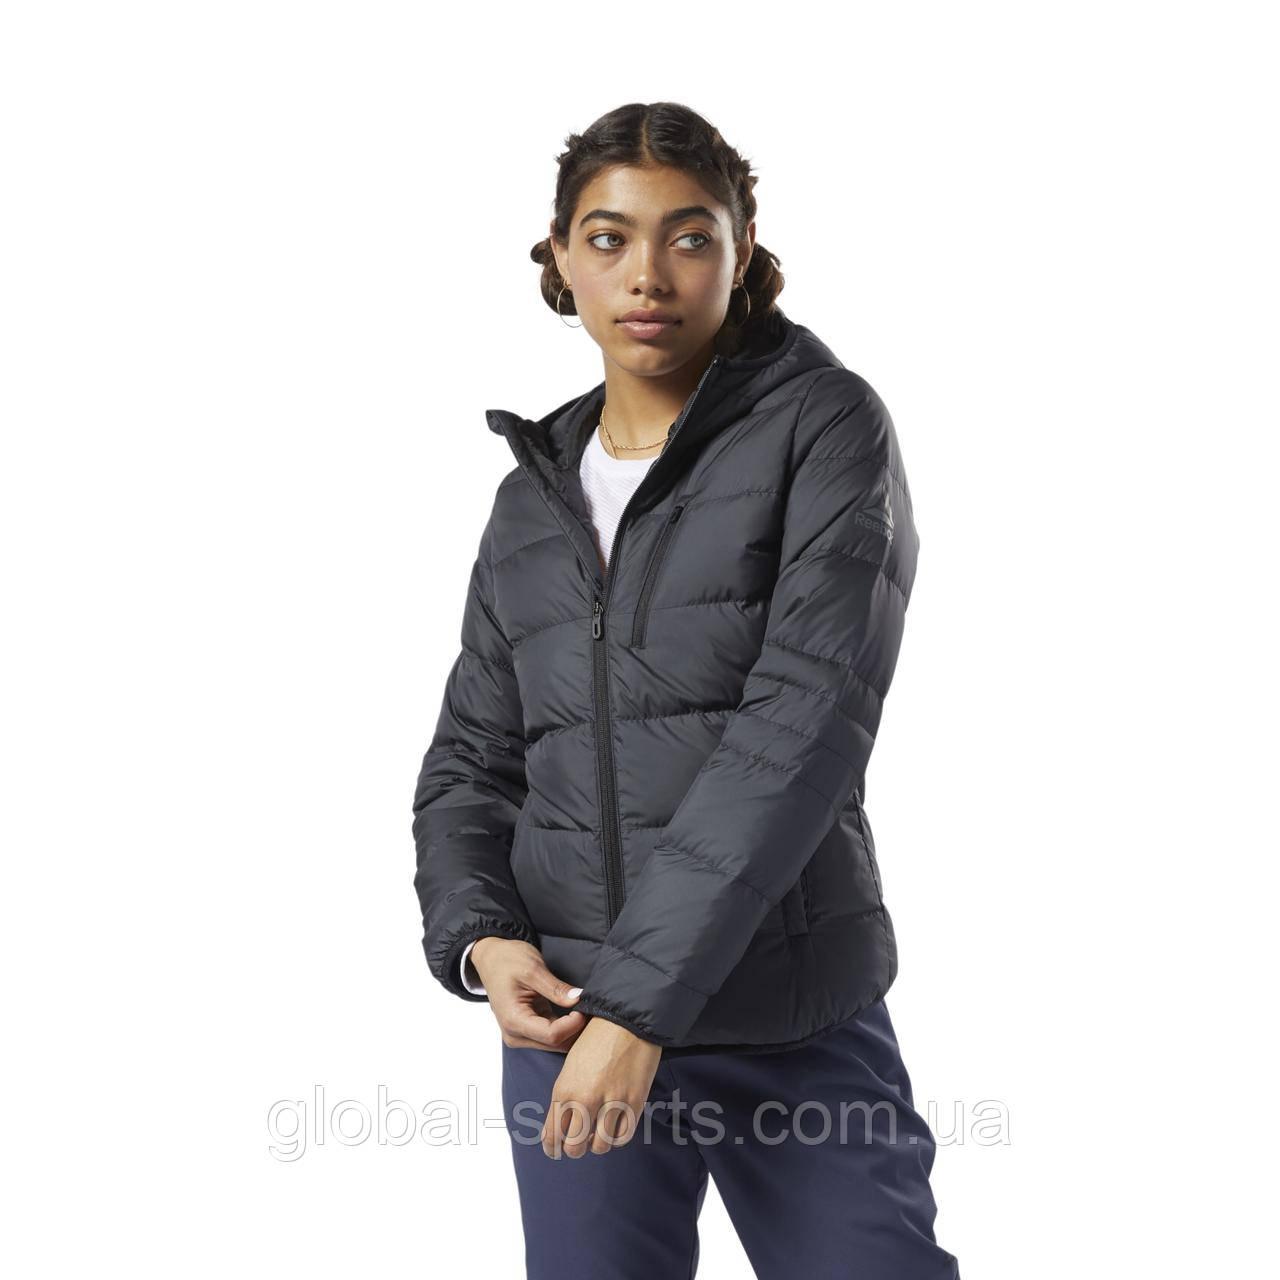 Женская куртка Reebok CN W LT DOWN JKT2 (Артикул:EJ8333)  2XS